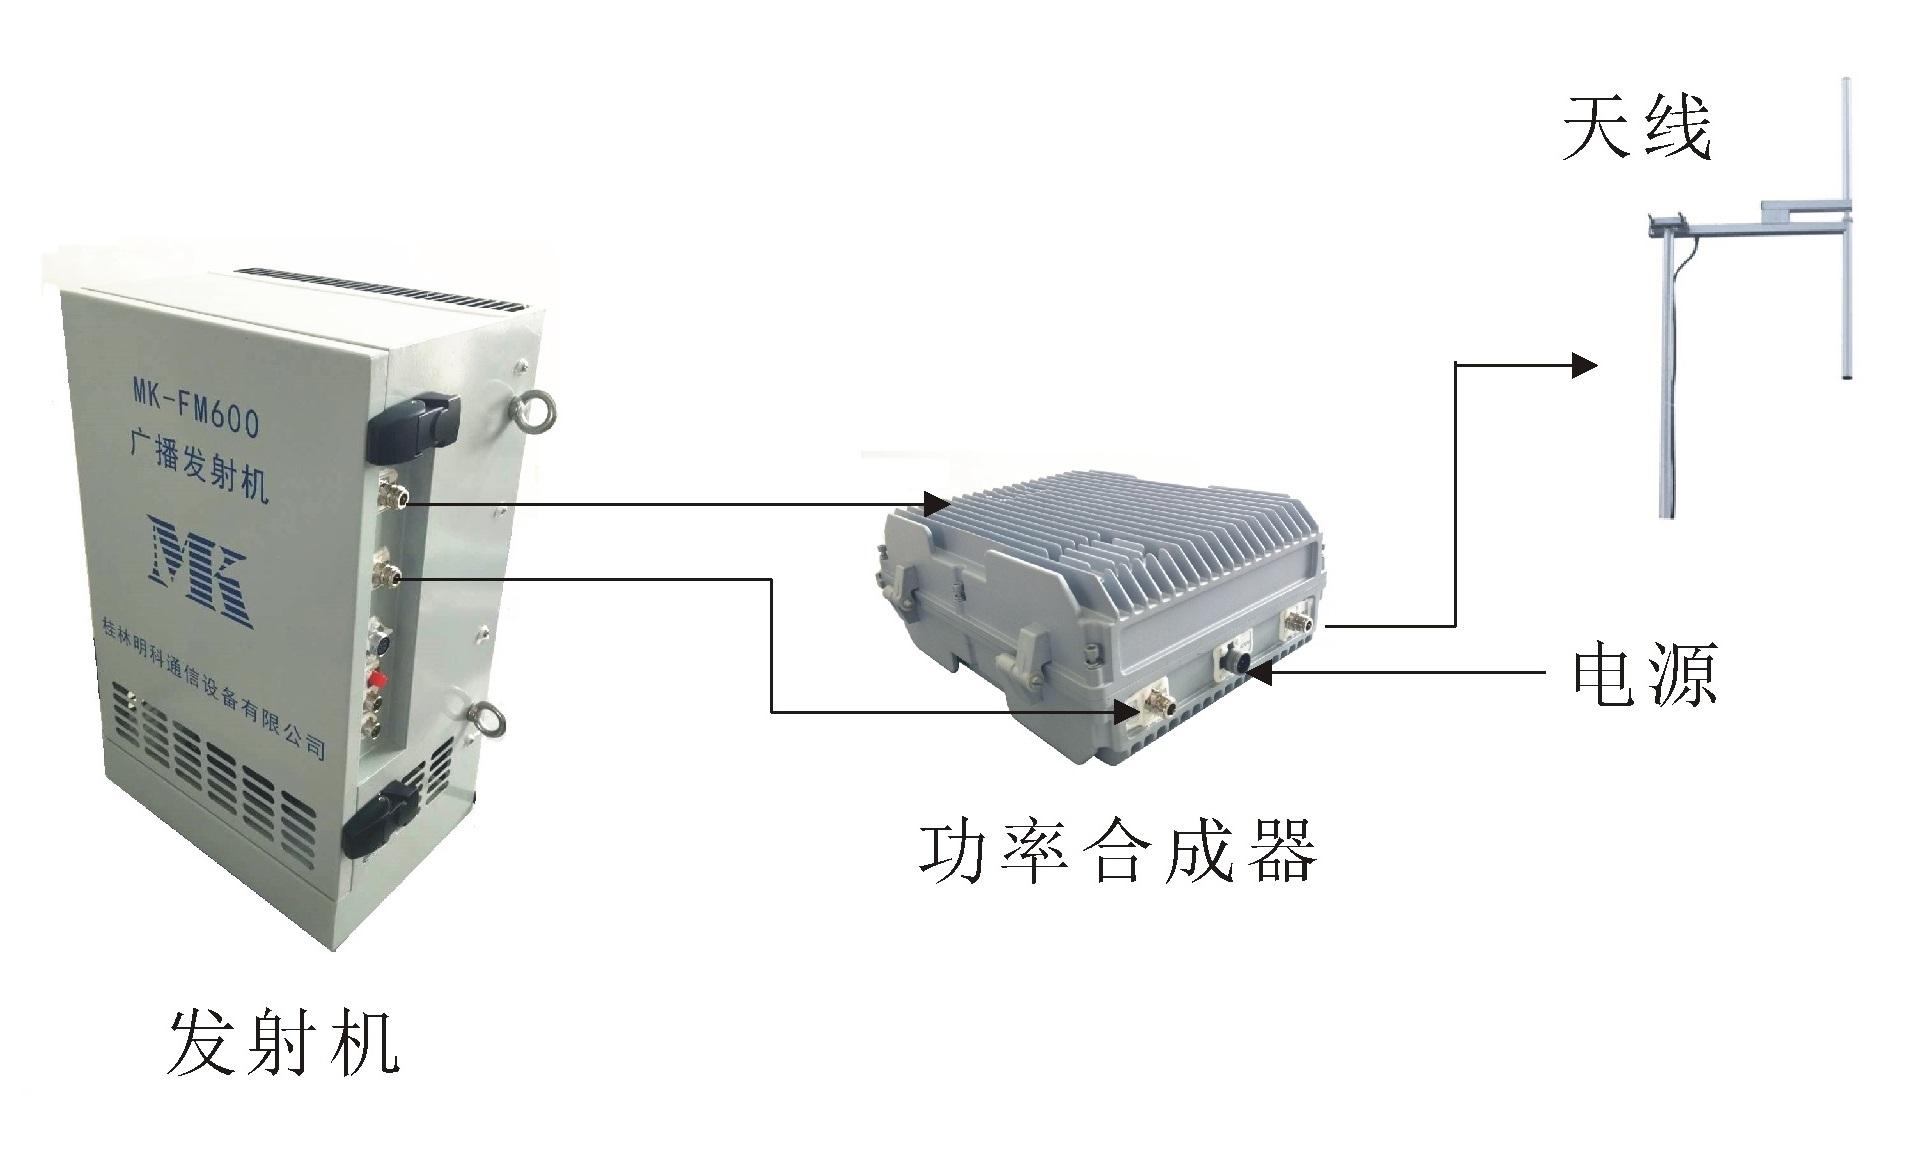 室外型双频点调频广播发射机